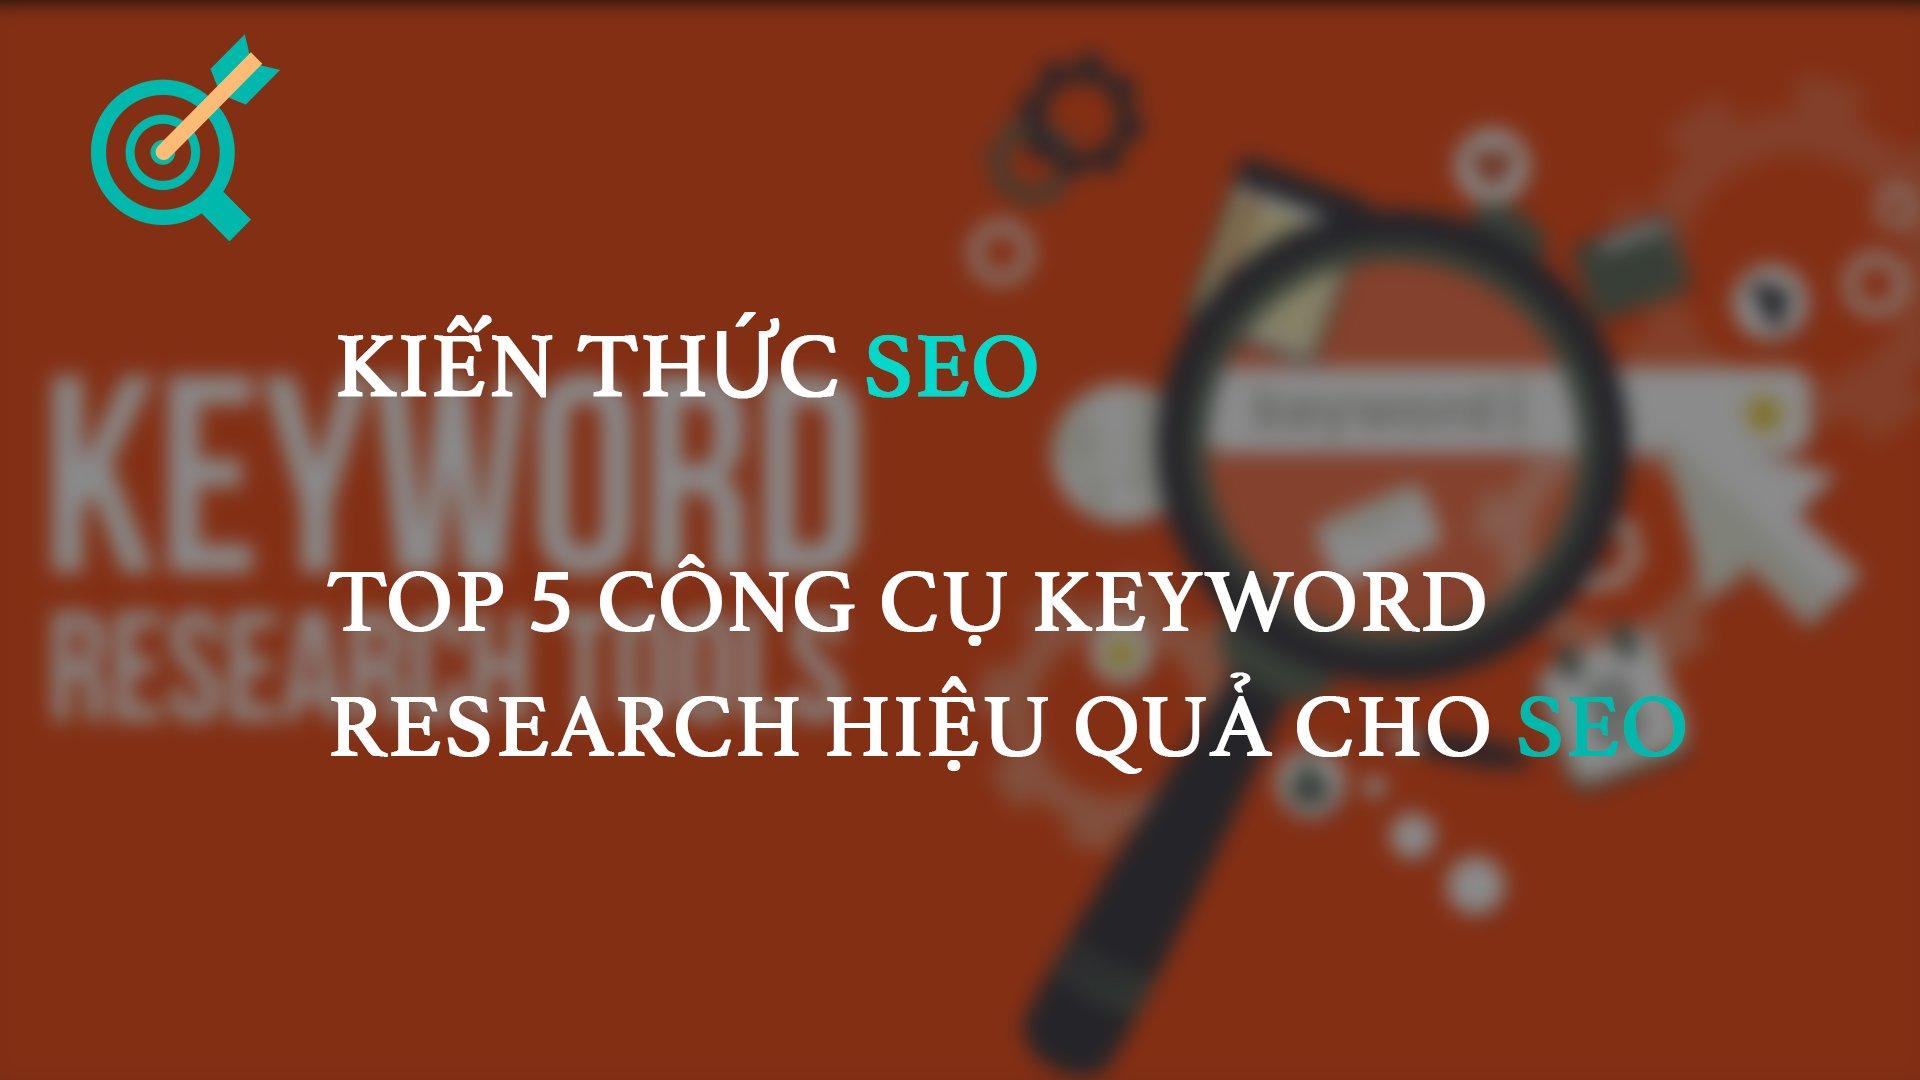 TOP 5 công cụ keyword research hiệu quả cho SEO